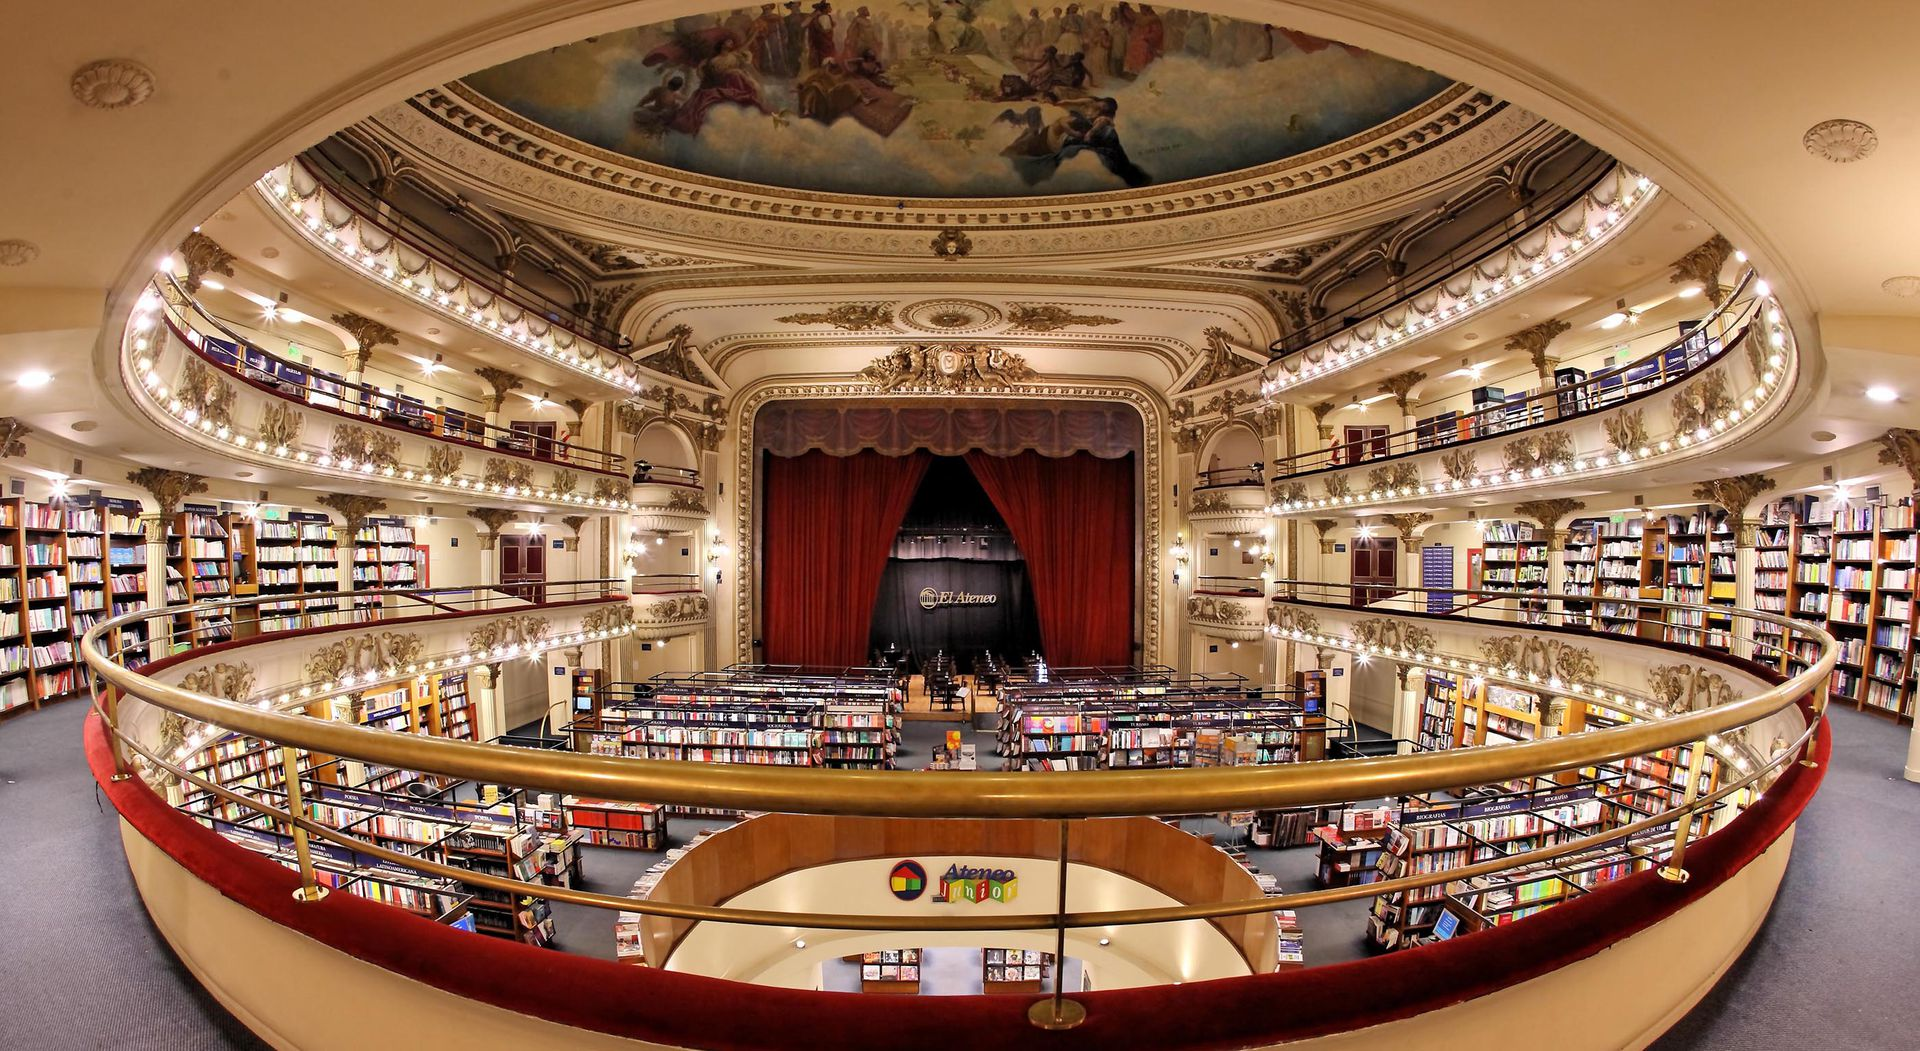 Según la revista National Geographic, El Ateneo Grand Splendid es la librería más linda del mundo